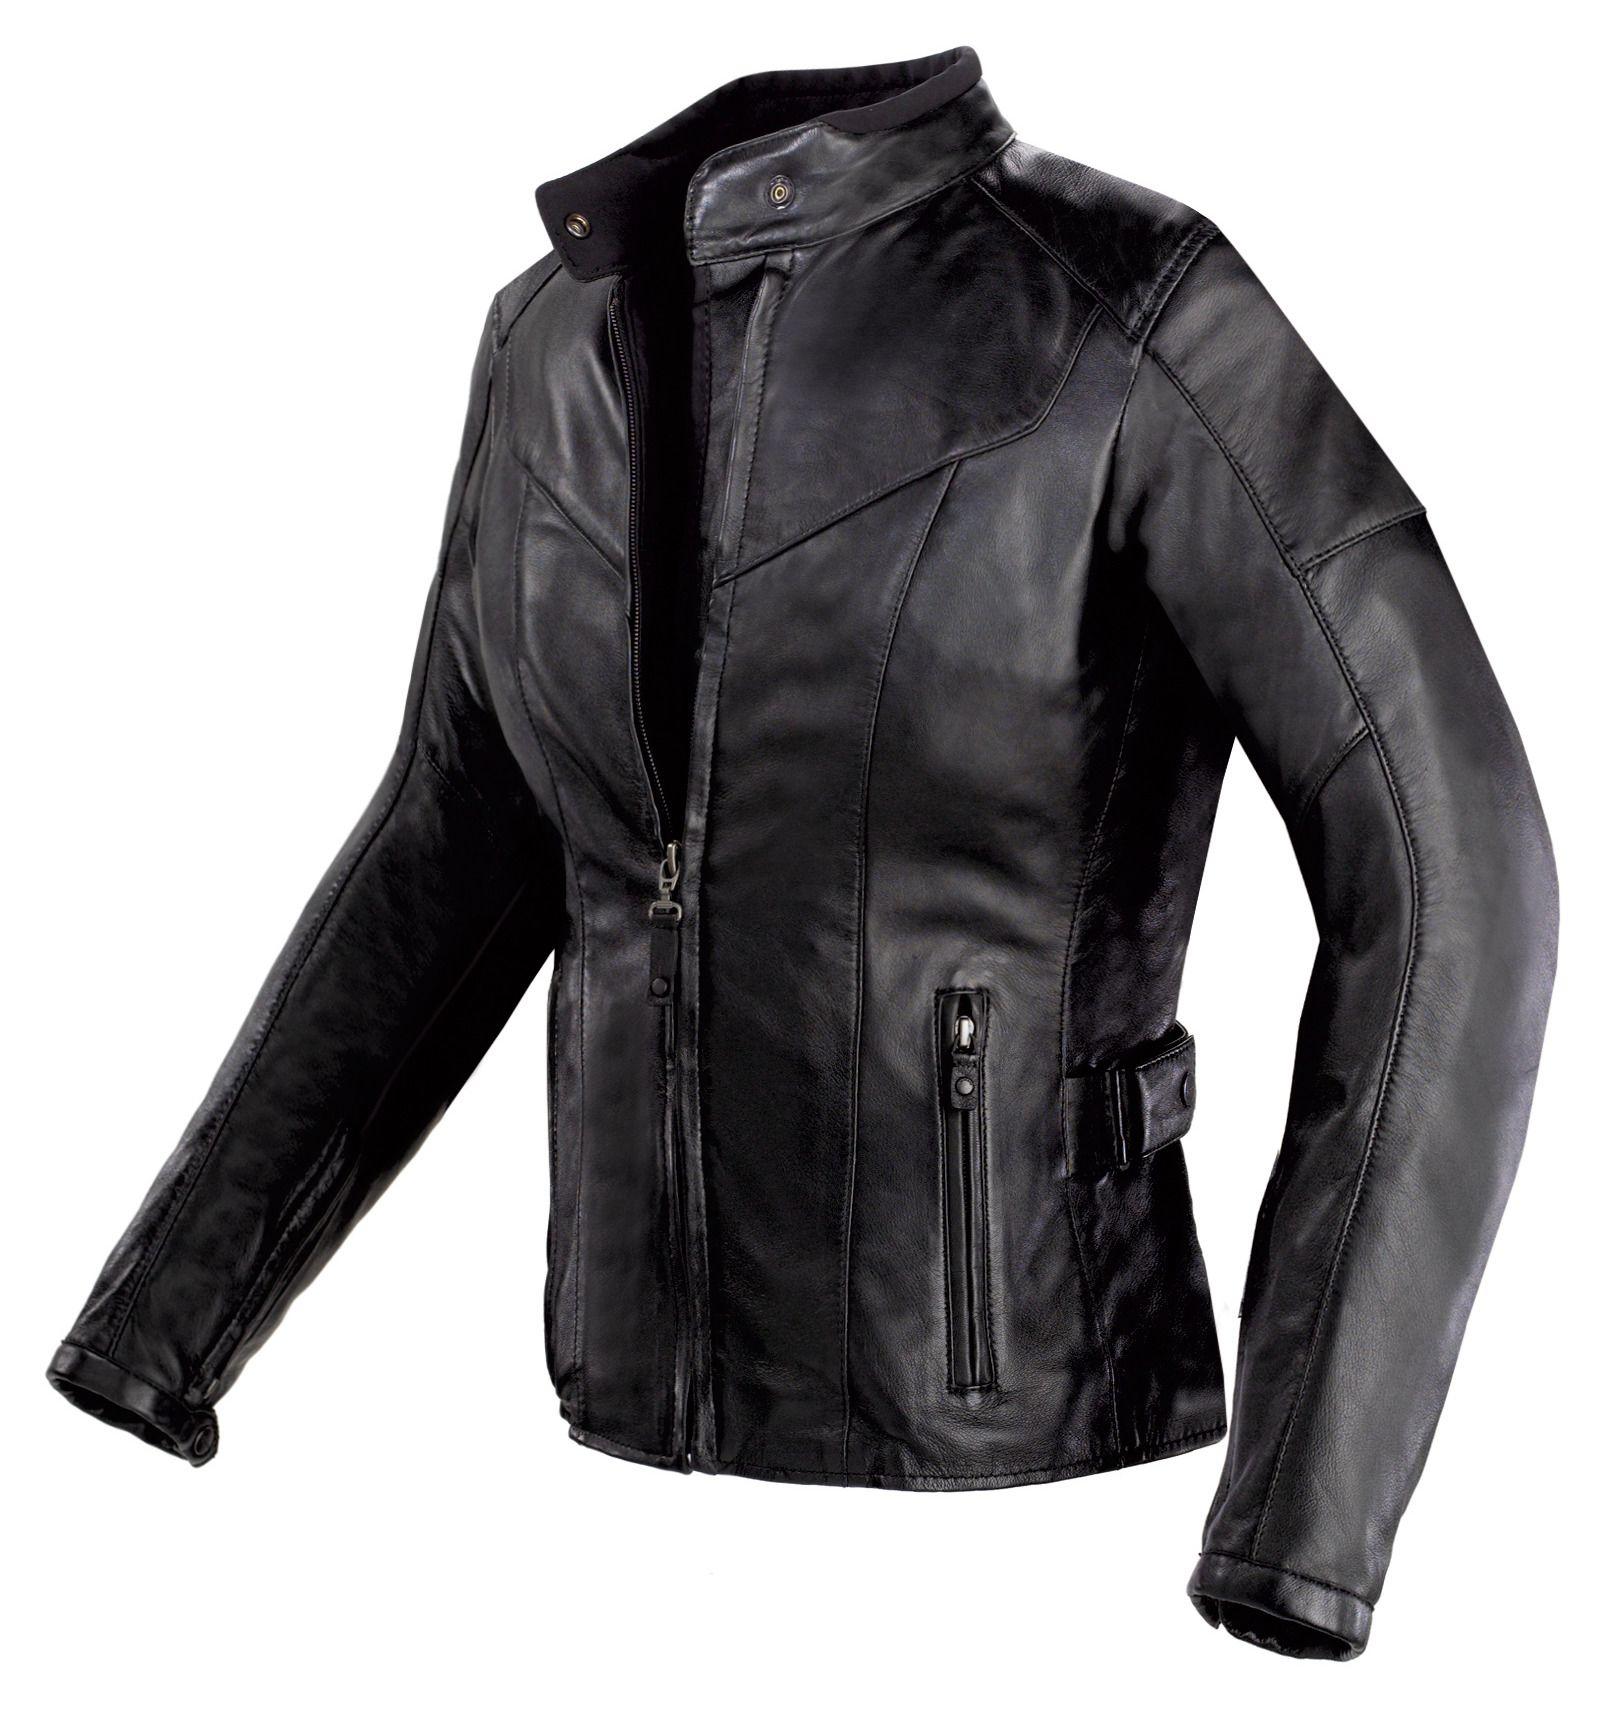 f71fd3bda3ca Spidi Myst Women s Jacket - RevZilla